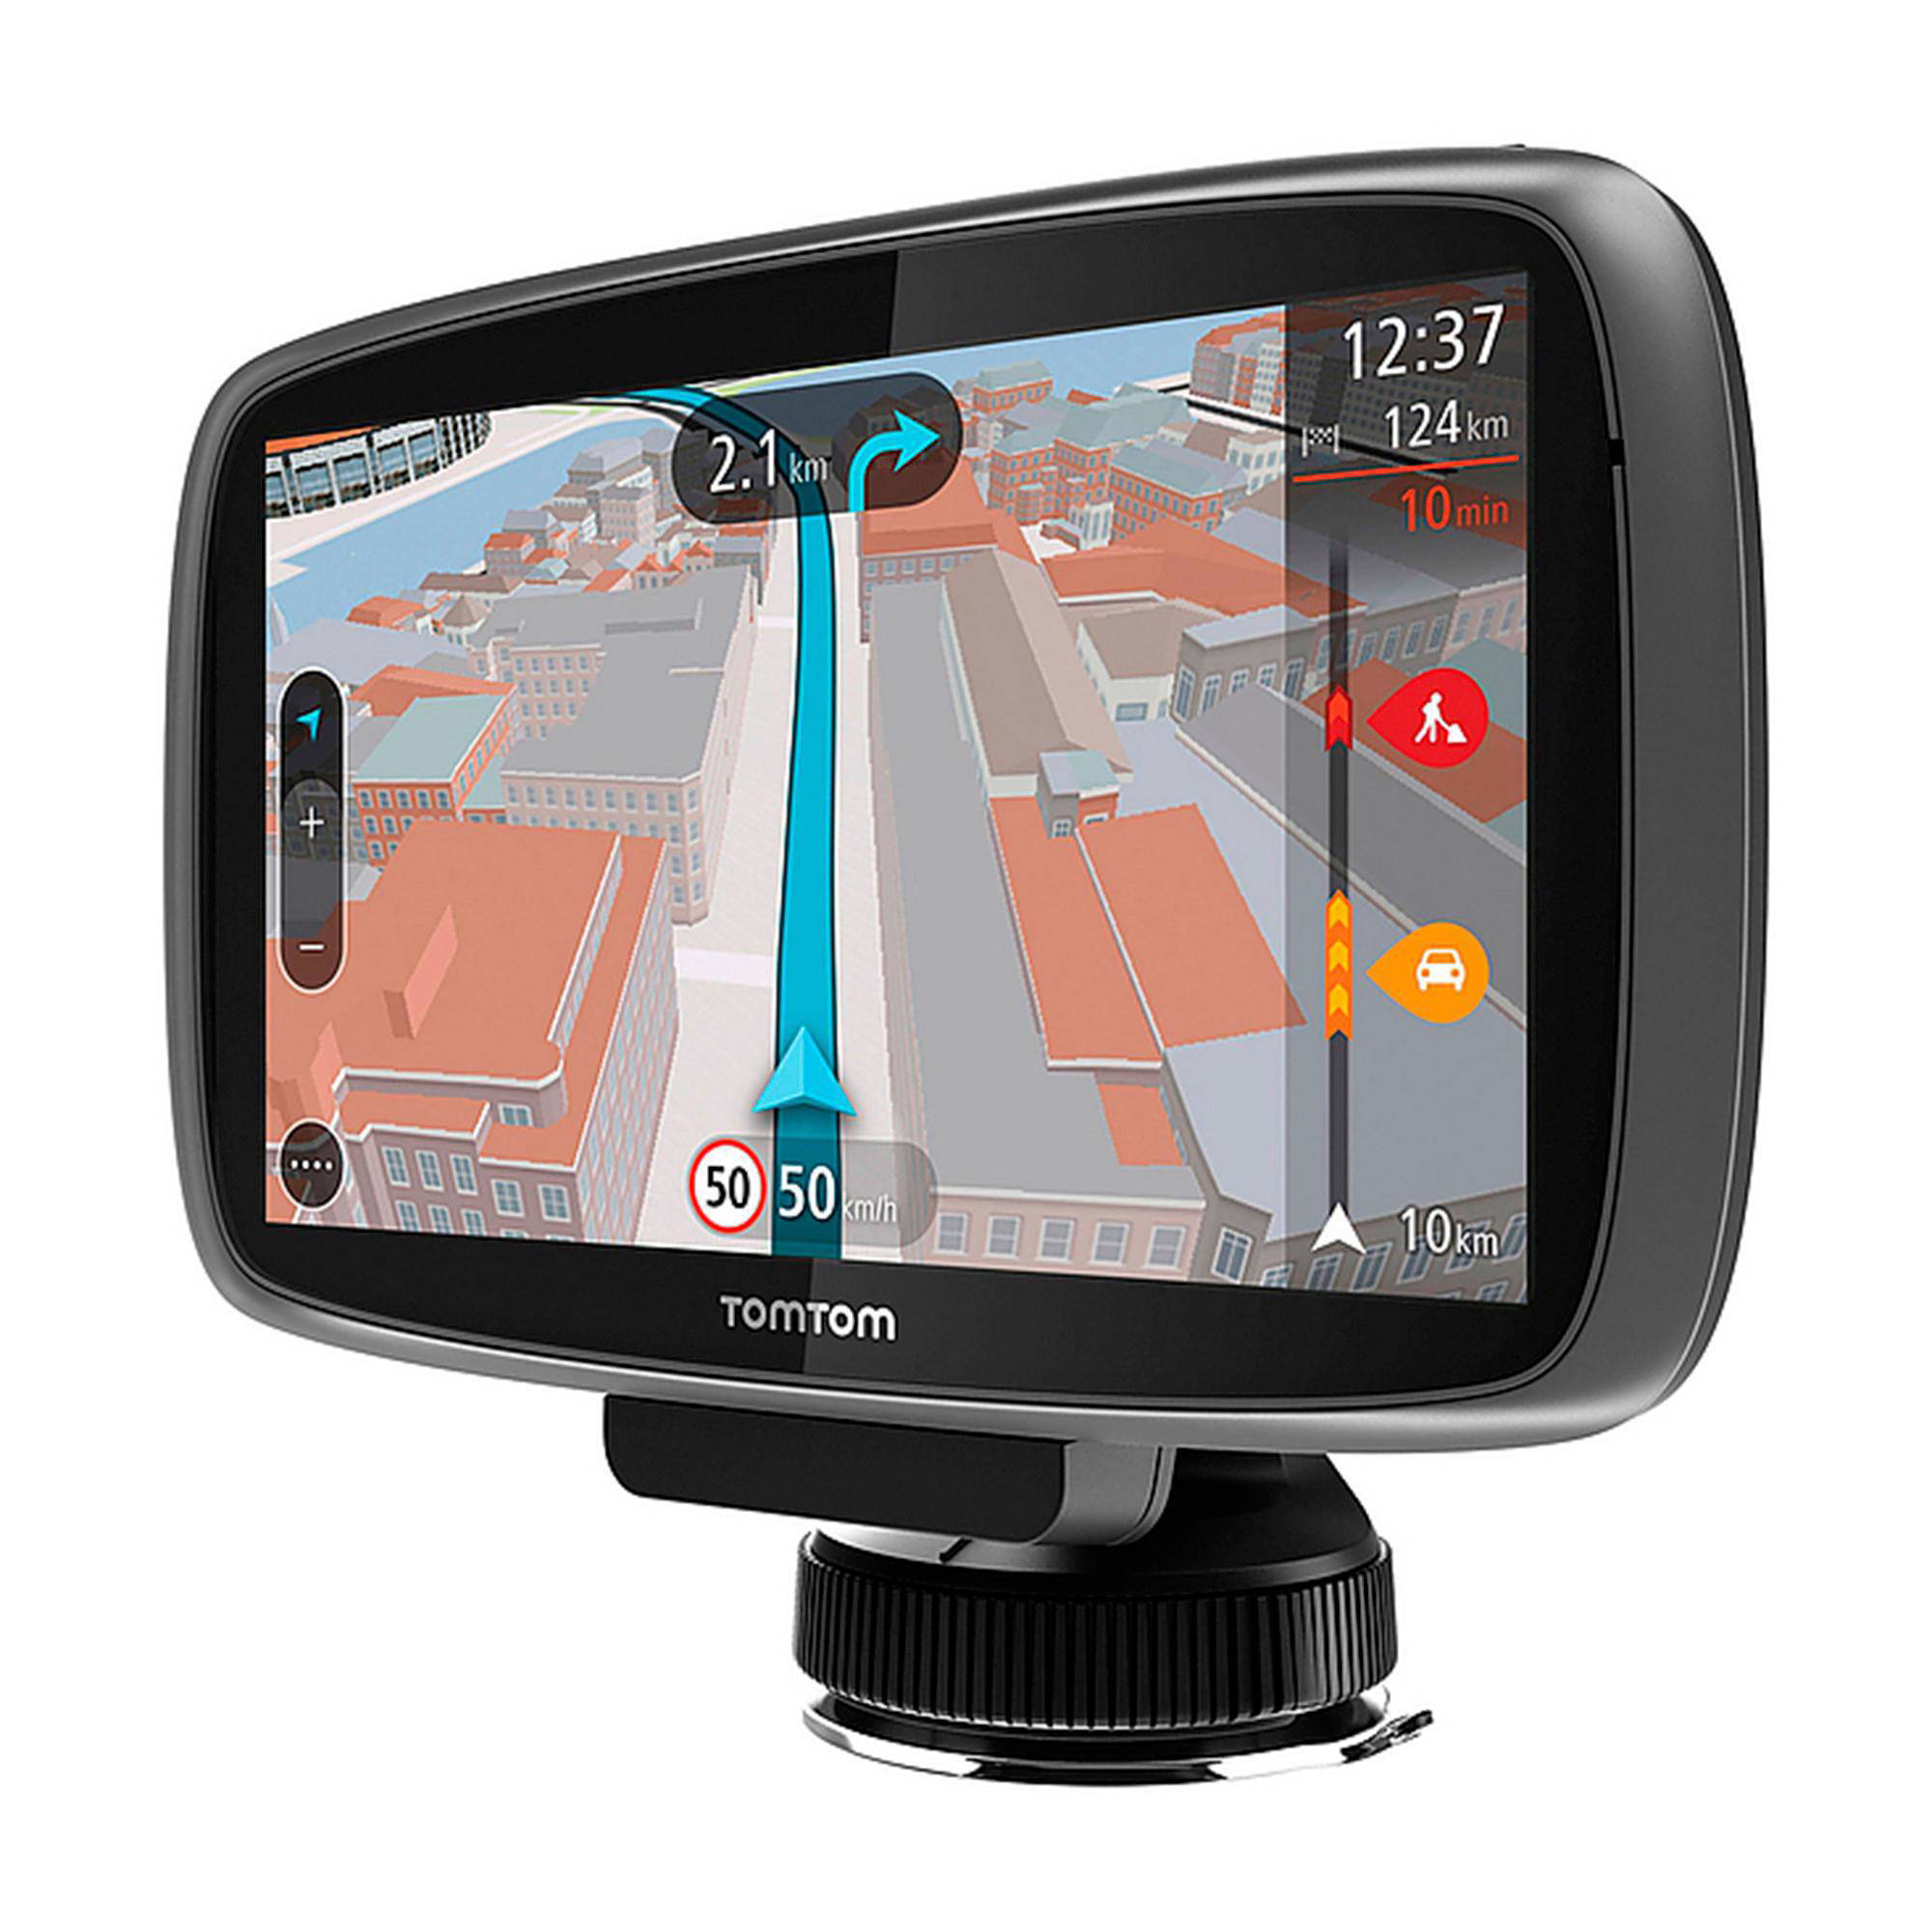 TomTom GO 610 World navigatiesysteem   JouwVeilingen.nl